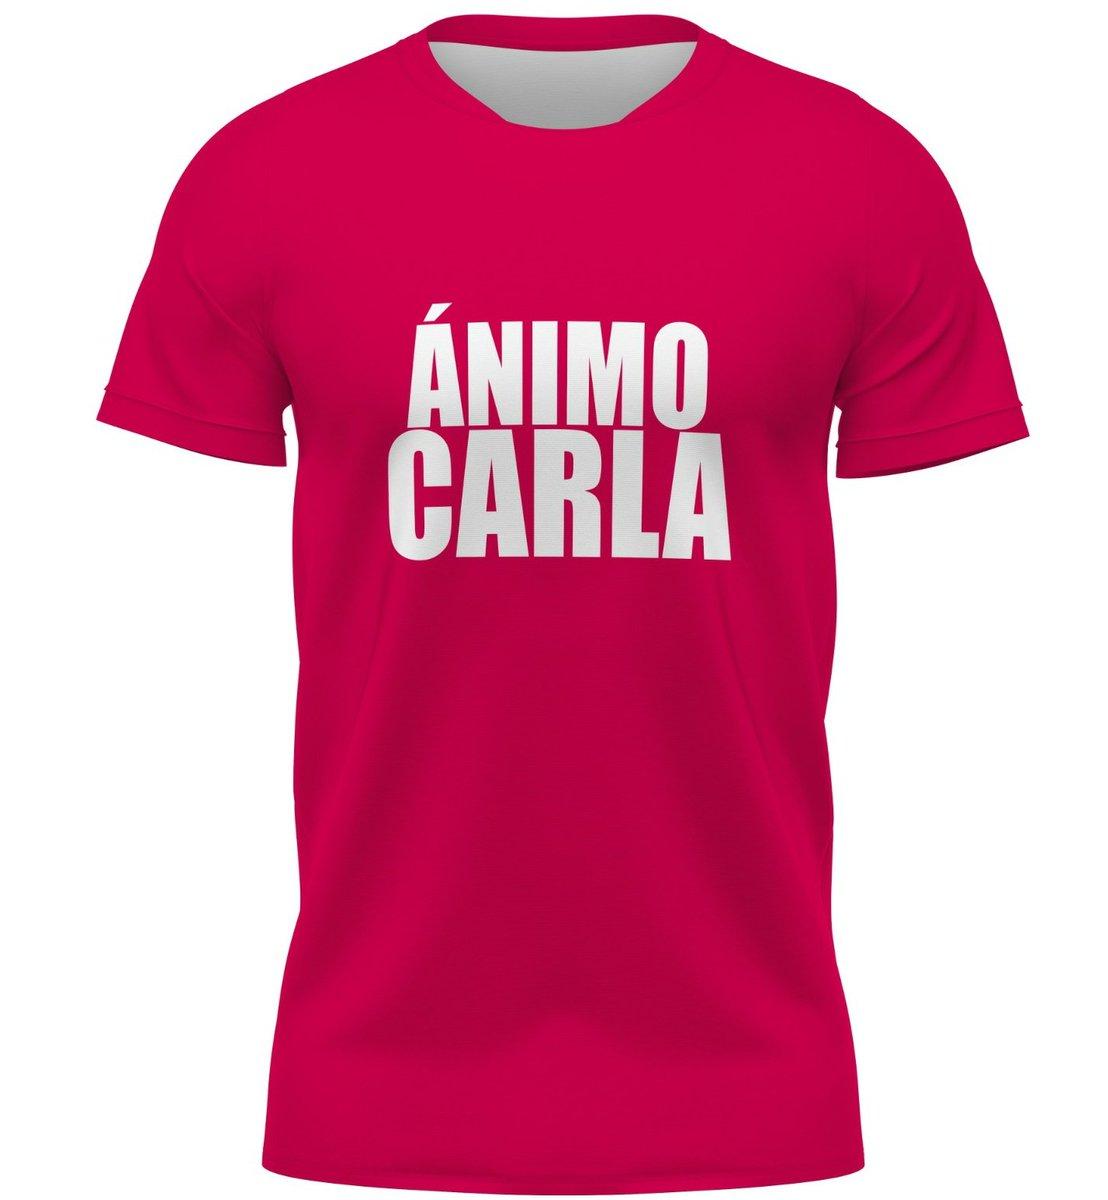 ¡Estamos contigo @CarlaSuarezNava! 💛  Nuestros jugadores saltarán esta tarde al campo en Butarque luciendo esta camiseta de apoyo a la tenista grancanaria.  ¡Mucha fuerza! 💪🏽   #LeganésLasPalmas https://t.co/Ci8SXsSIkw